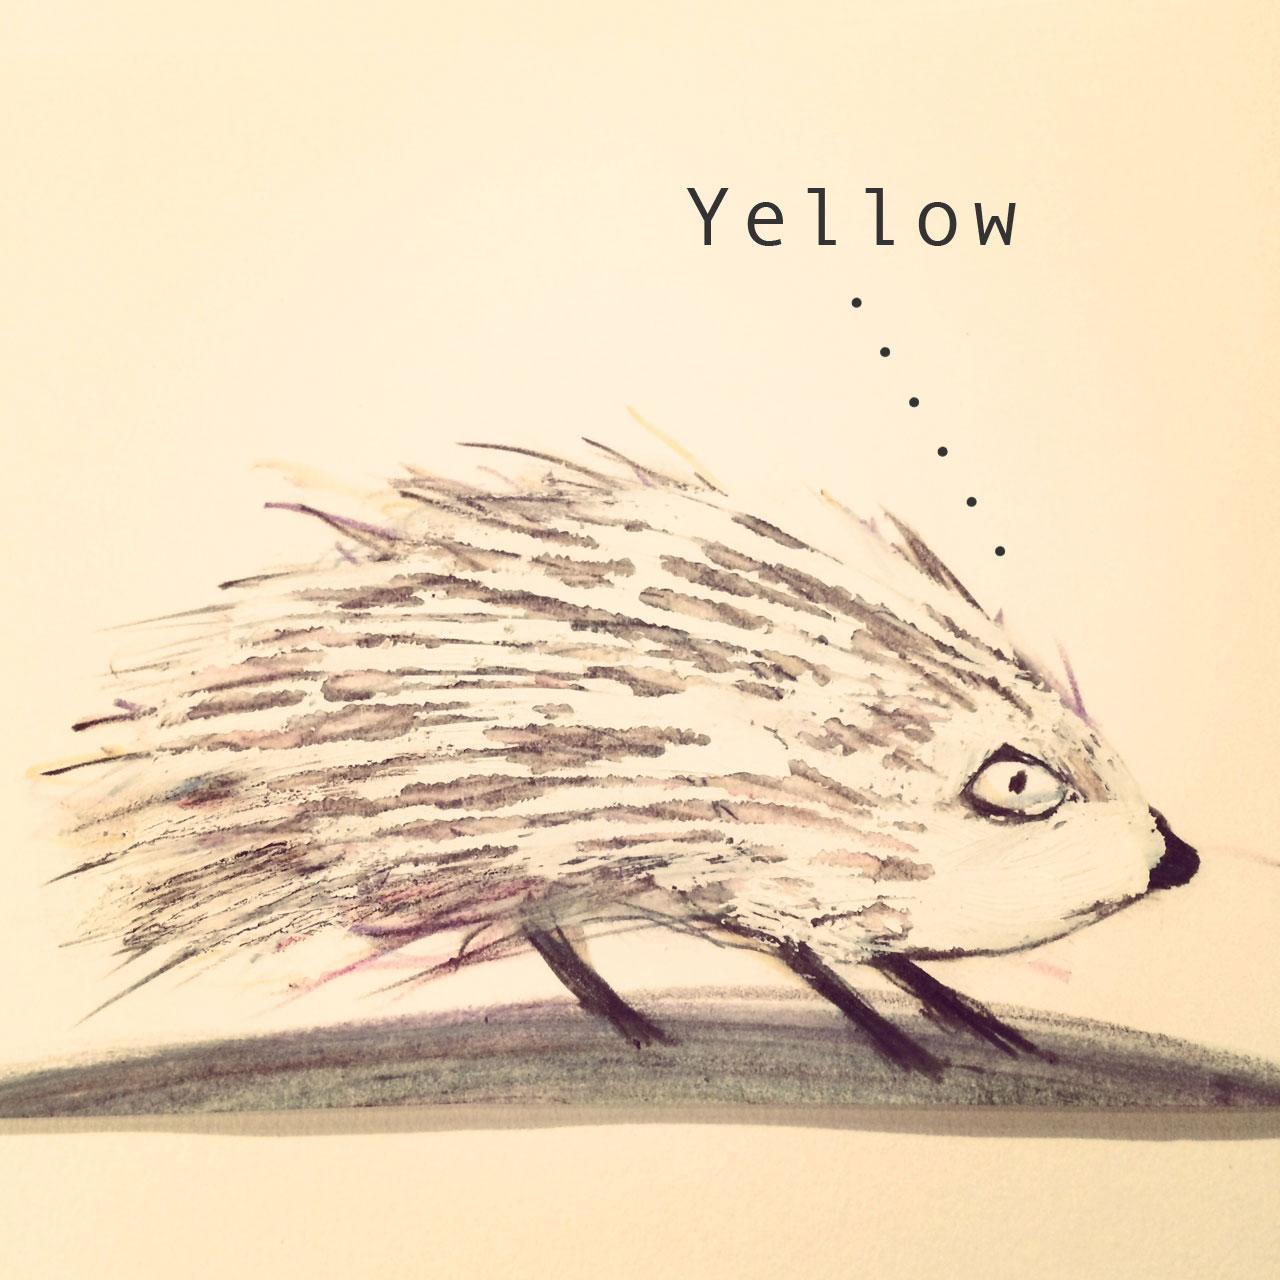 yellowhedgehog